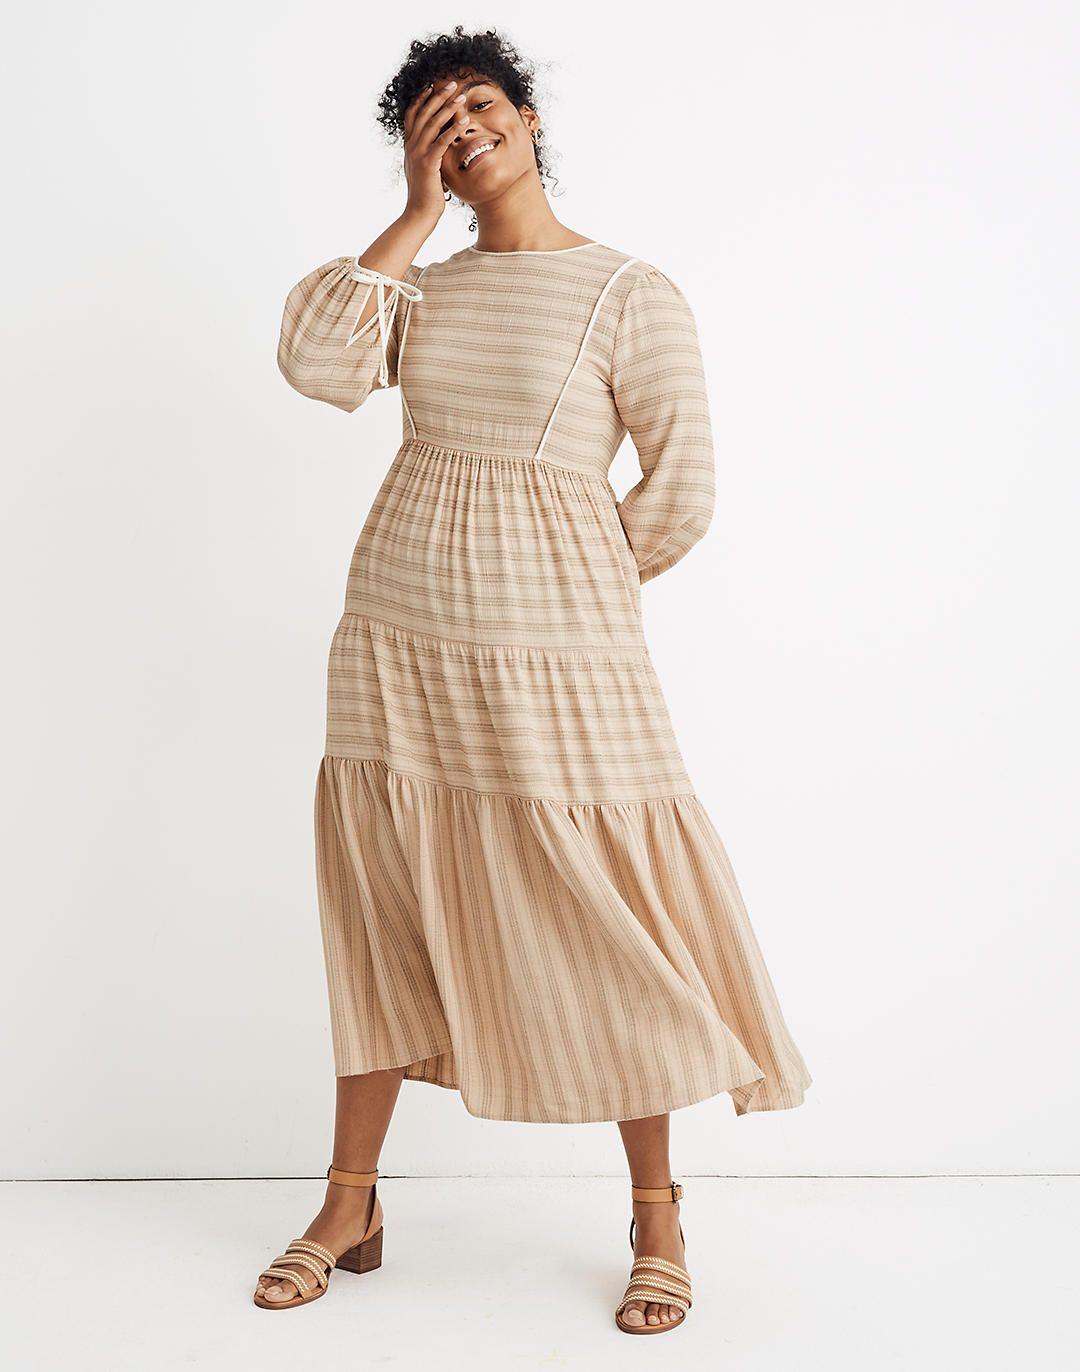 Madewell X Christy Dawn Striped Tallulah Tie Back Midi Dress Fall Dress Trends Midi Dress Trending Dresses [ 1372 x 1080 Pixel ]